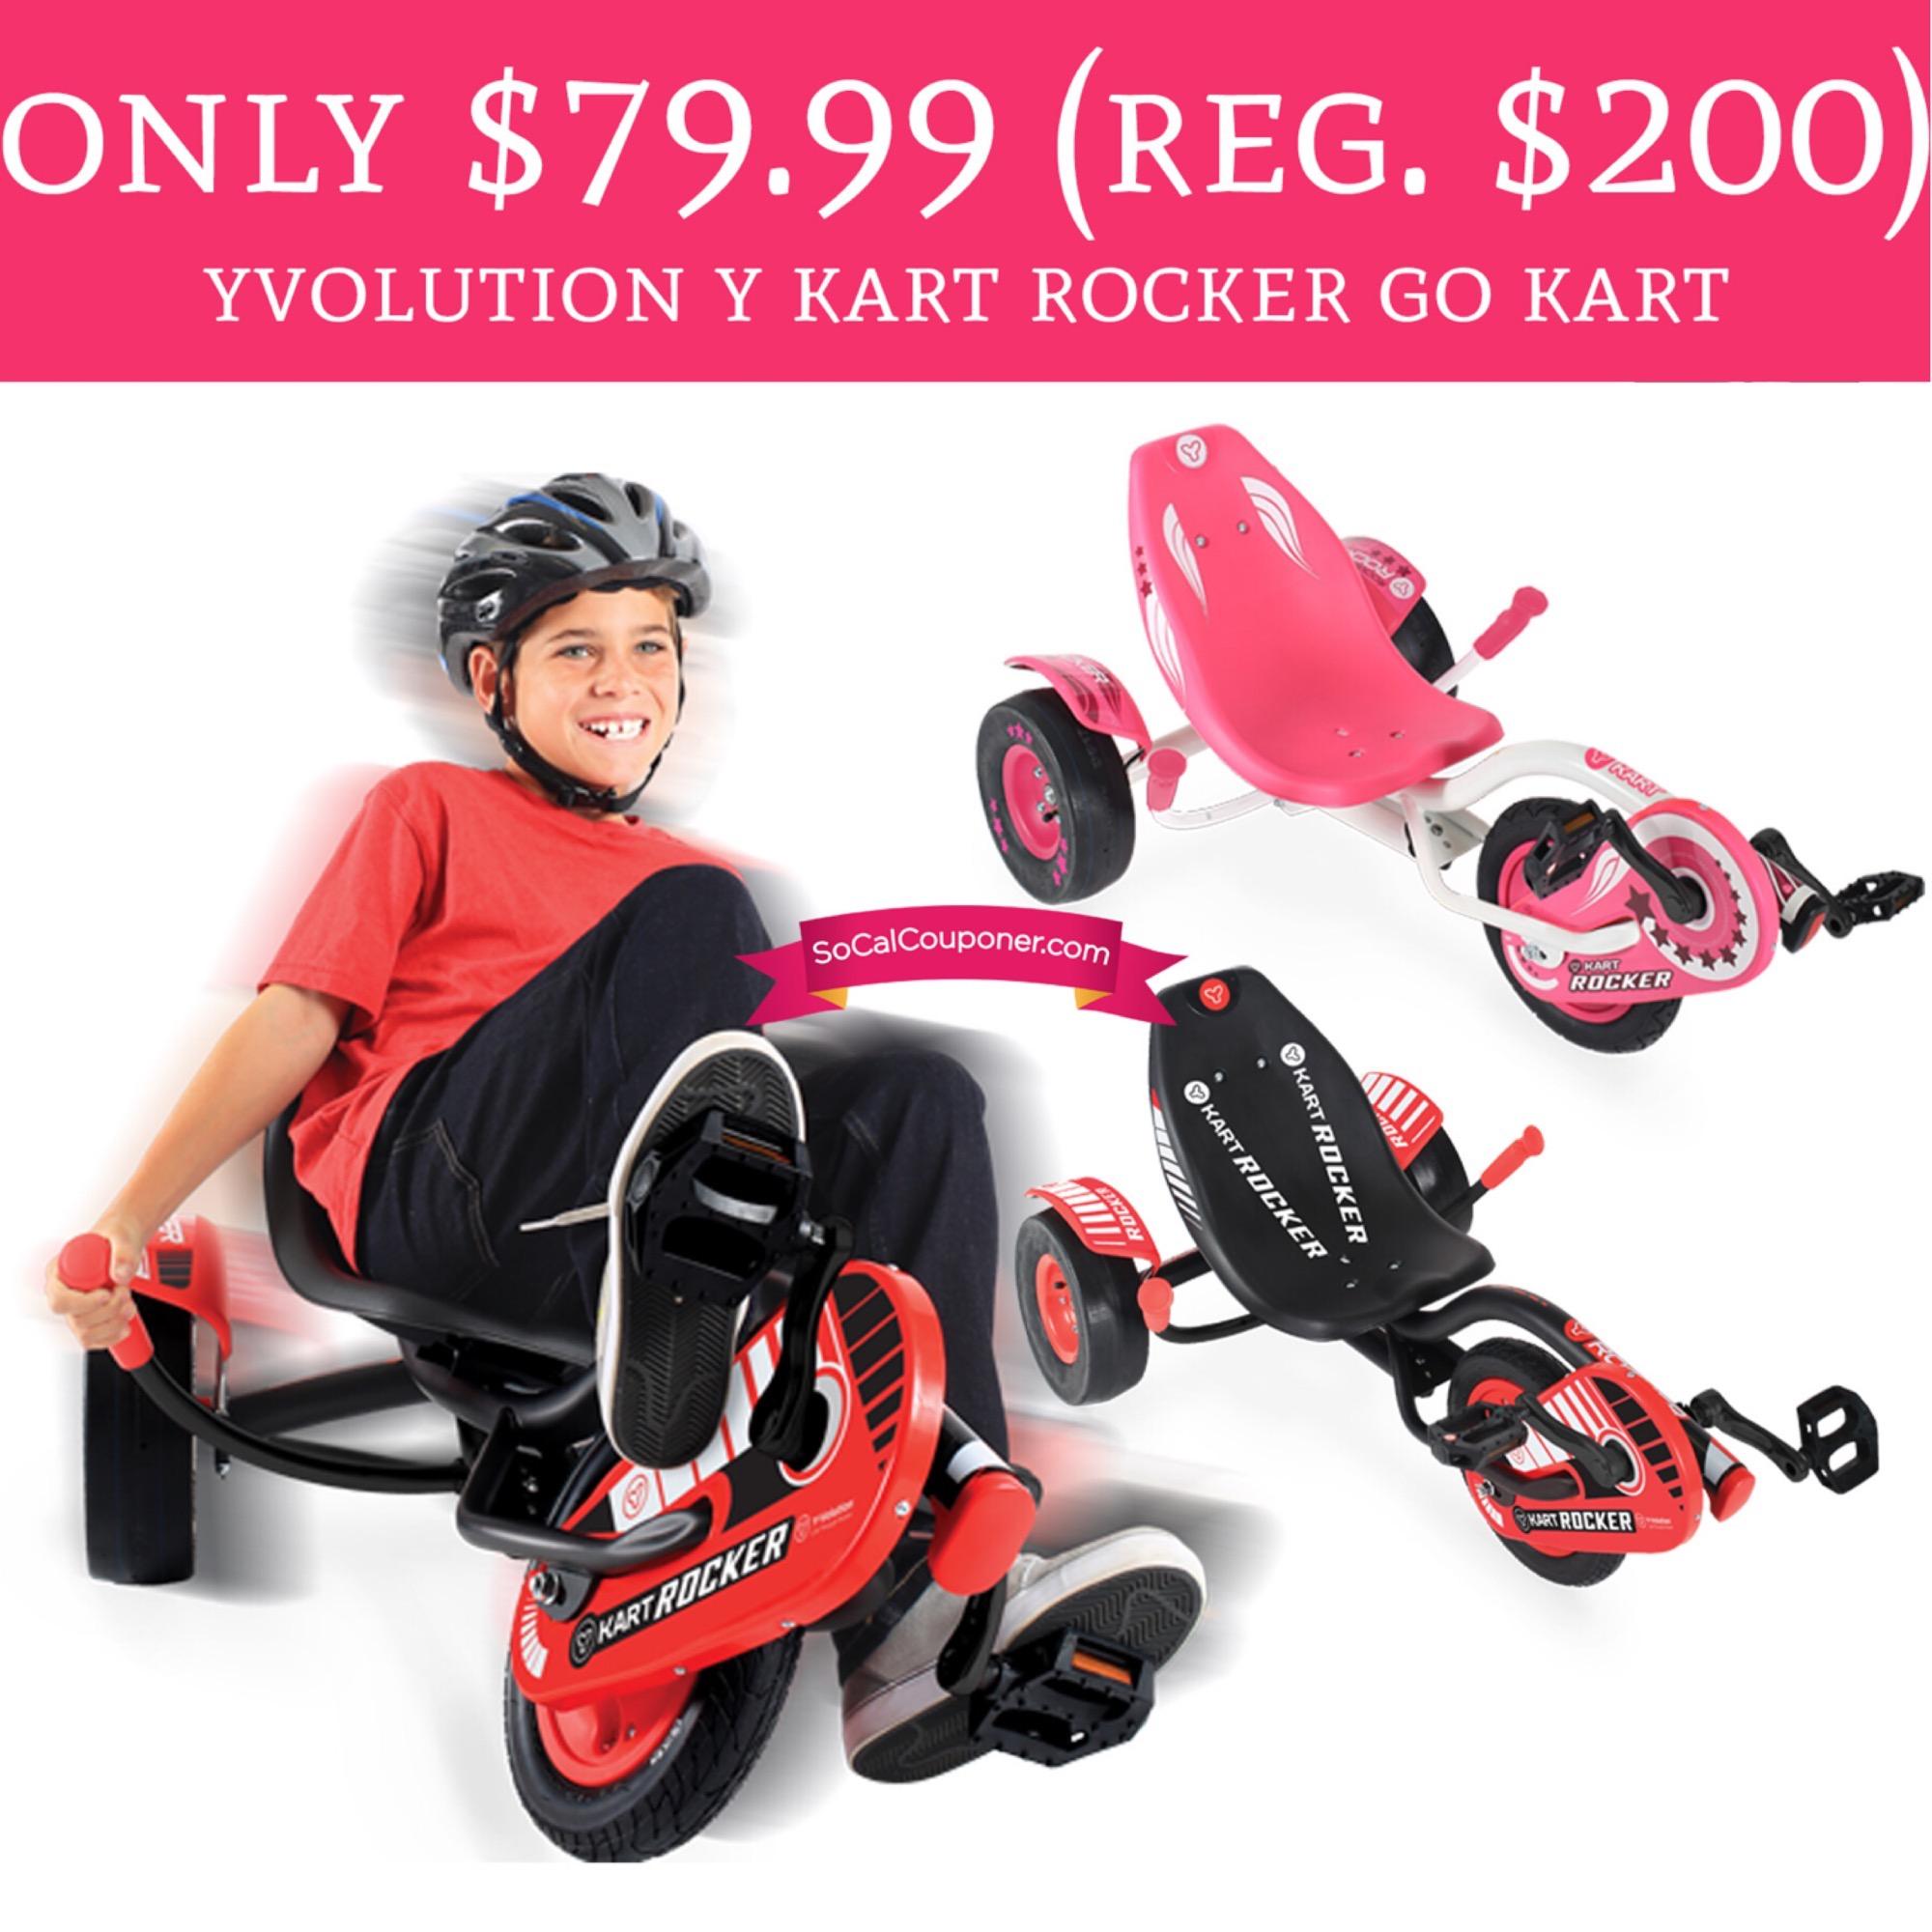 Only 79 99 Reg 200 Yvolution Y Kart Rocker Go Kart